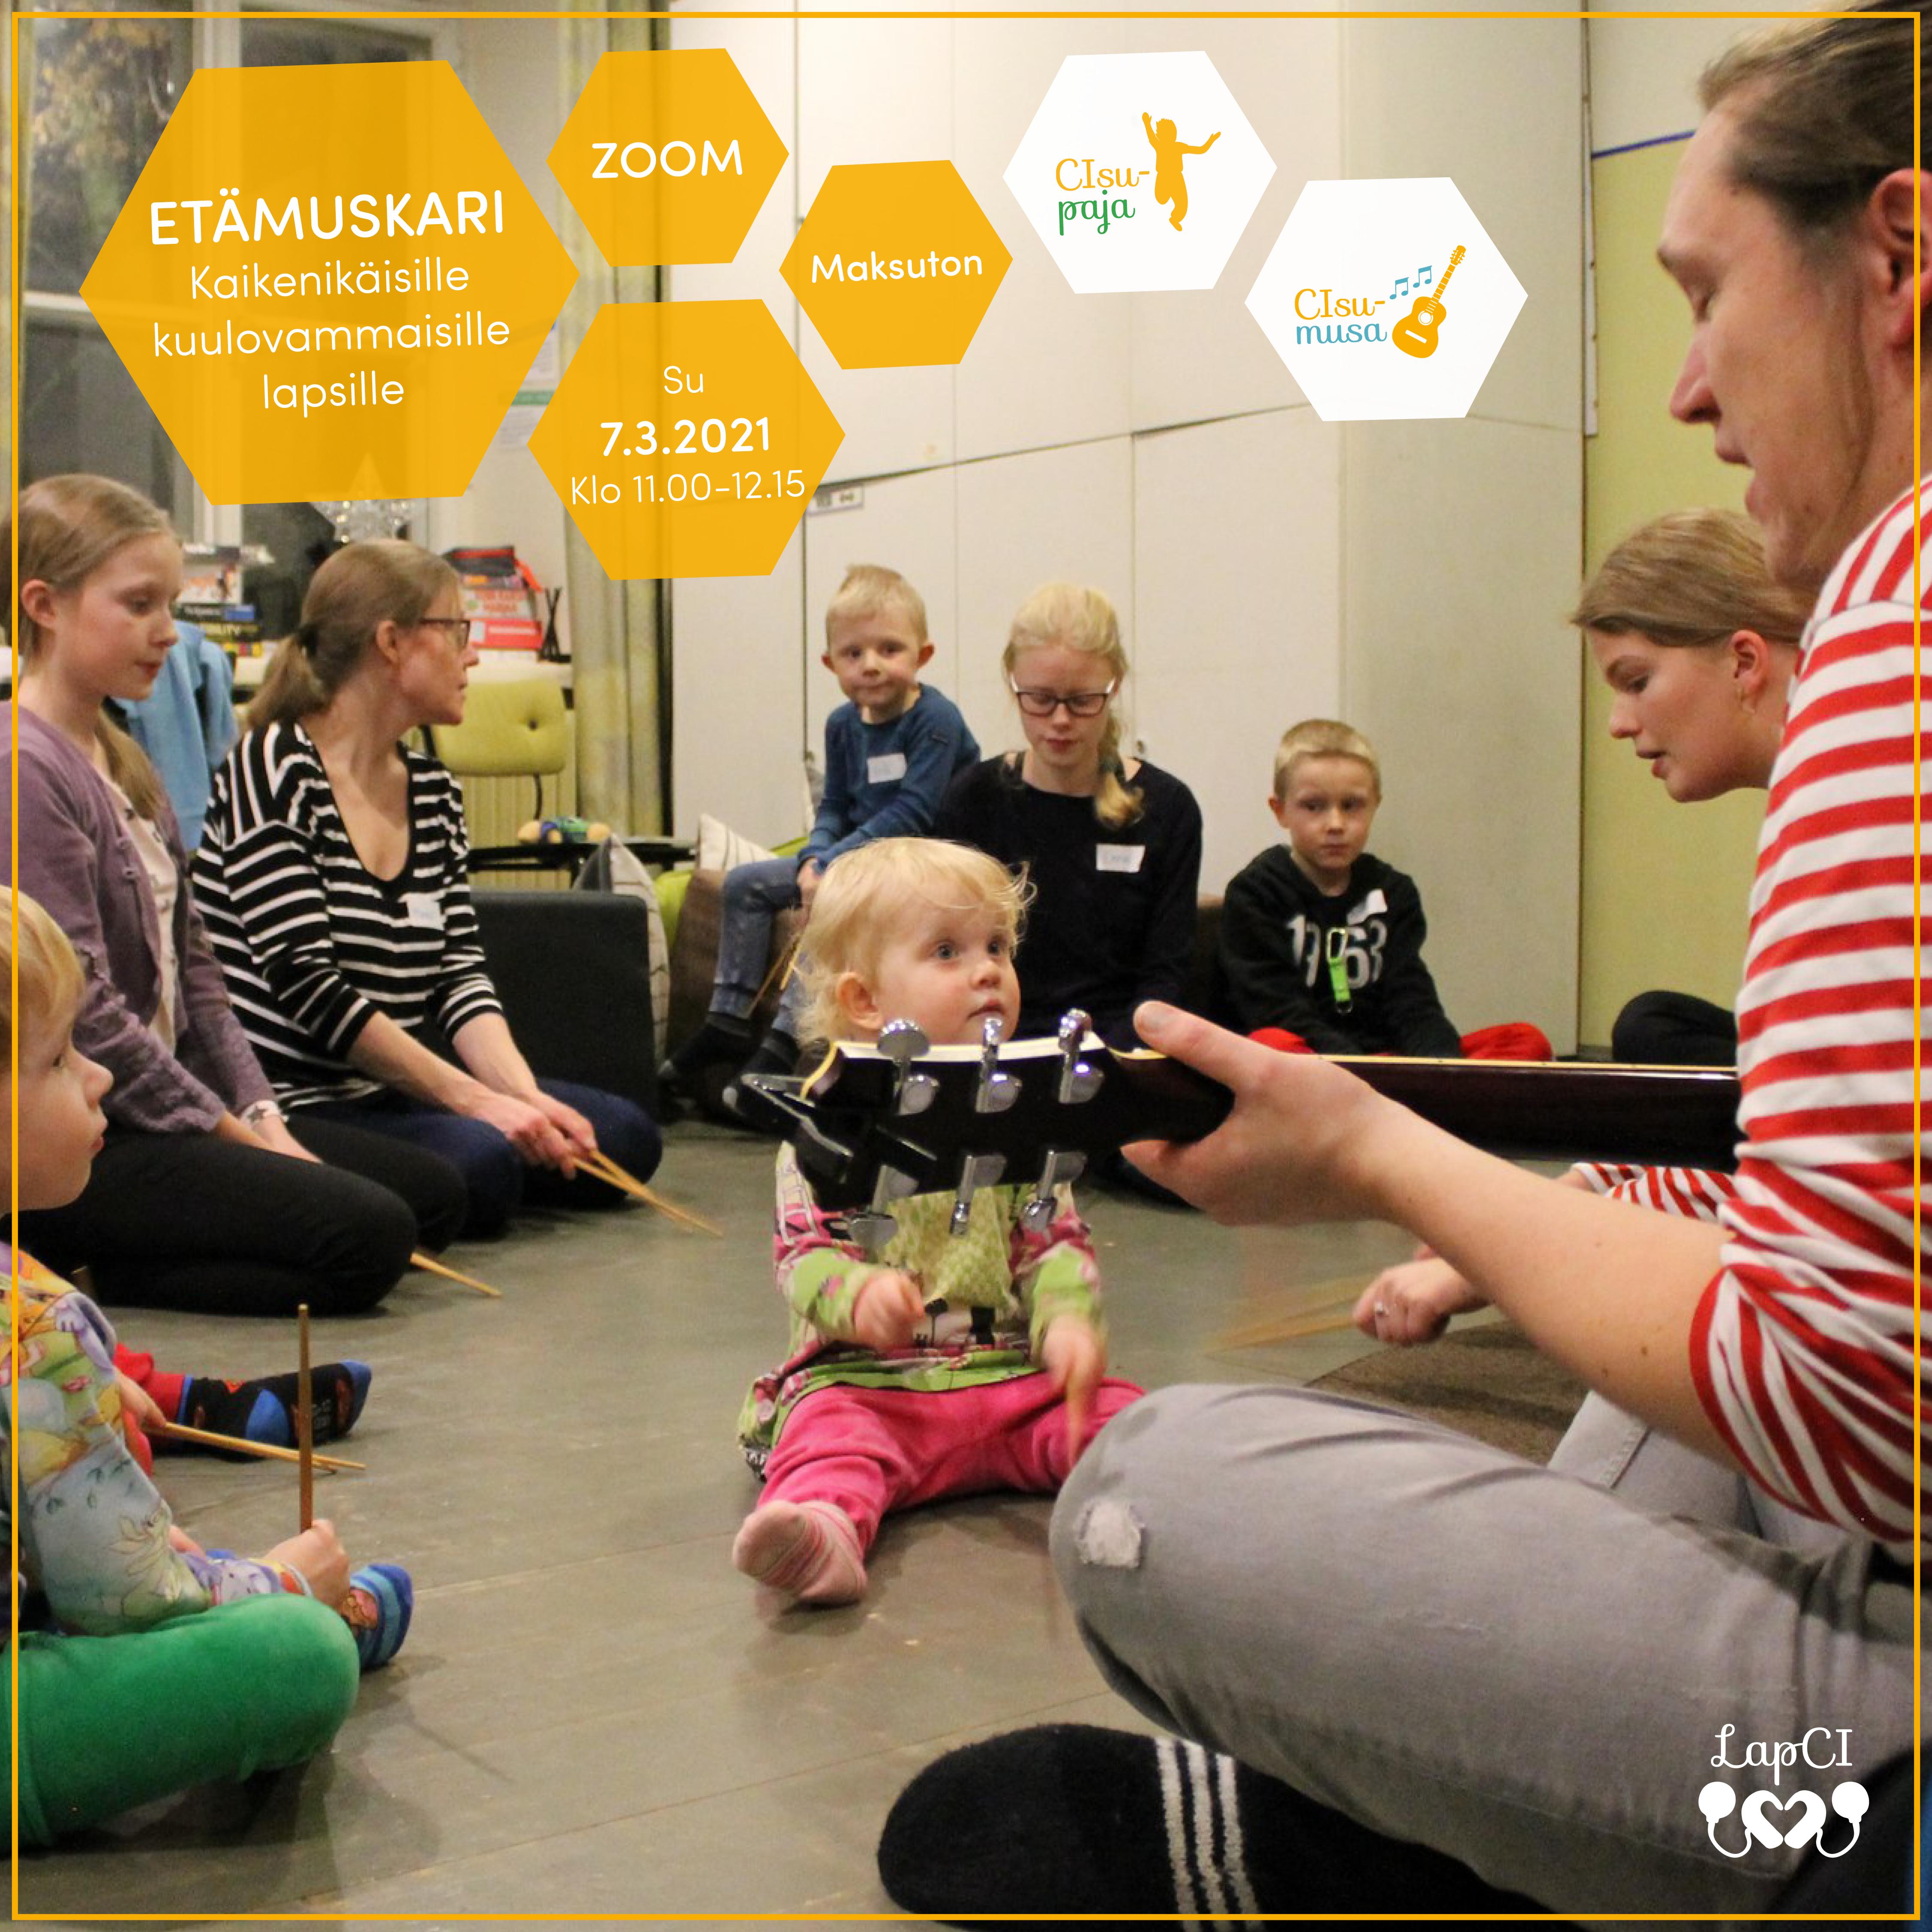 Kuvassa etämuskarin ohjaaja Juha-Matti leikittämässä perheitä